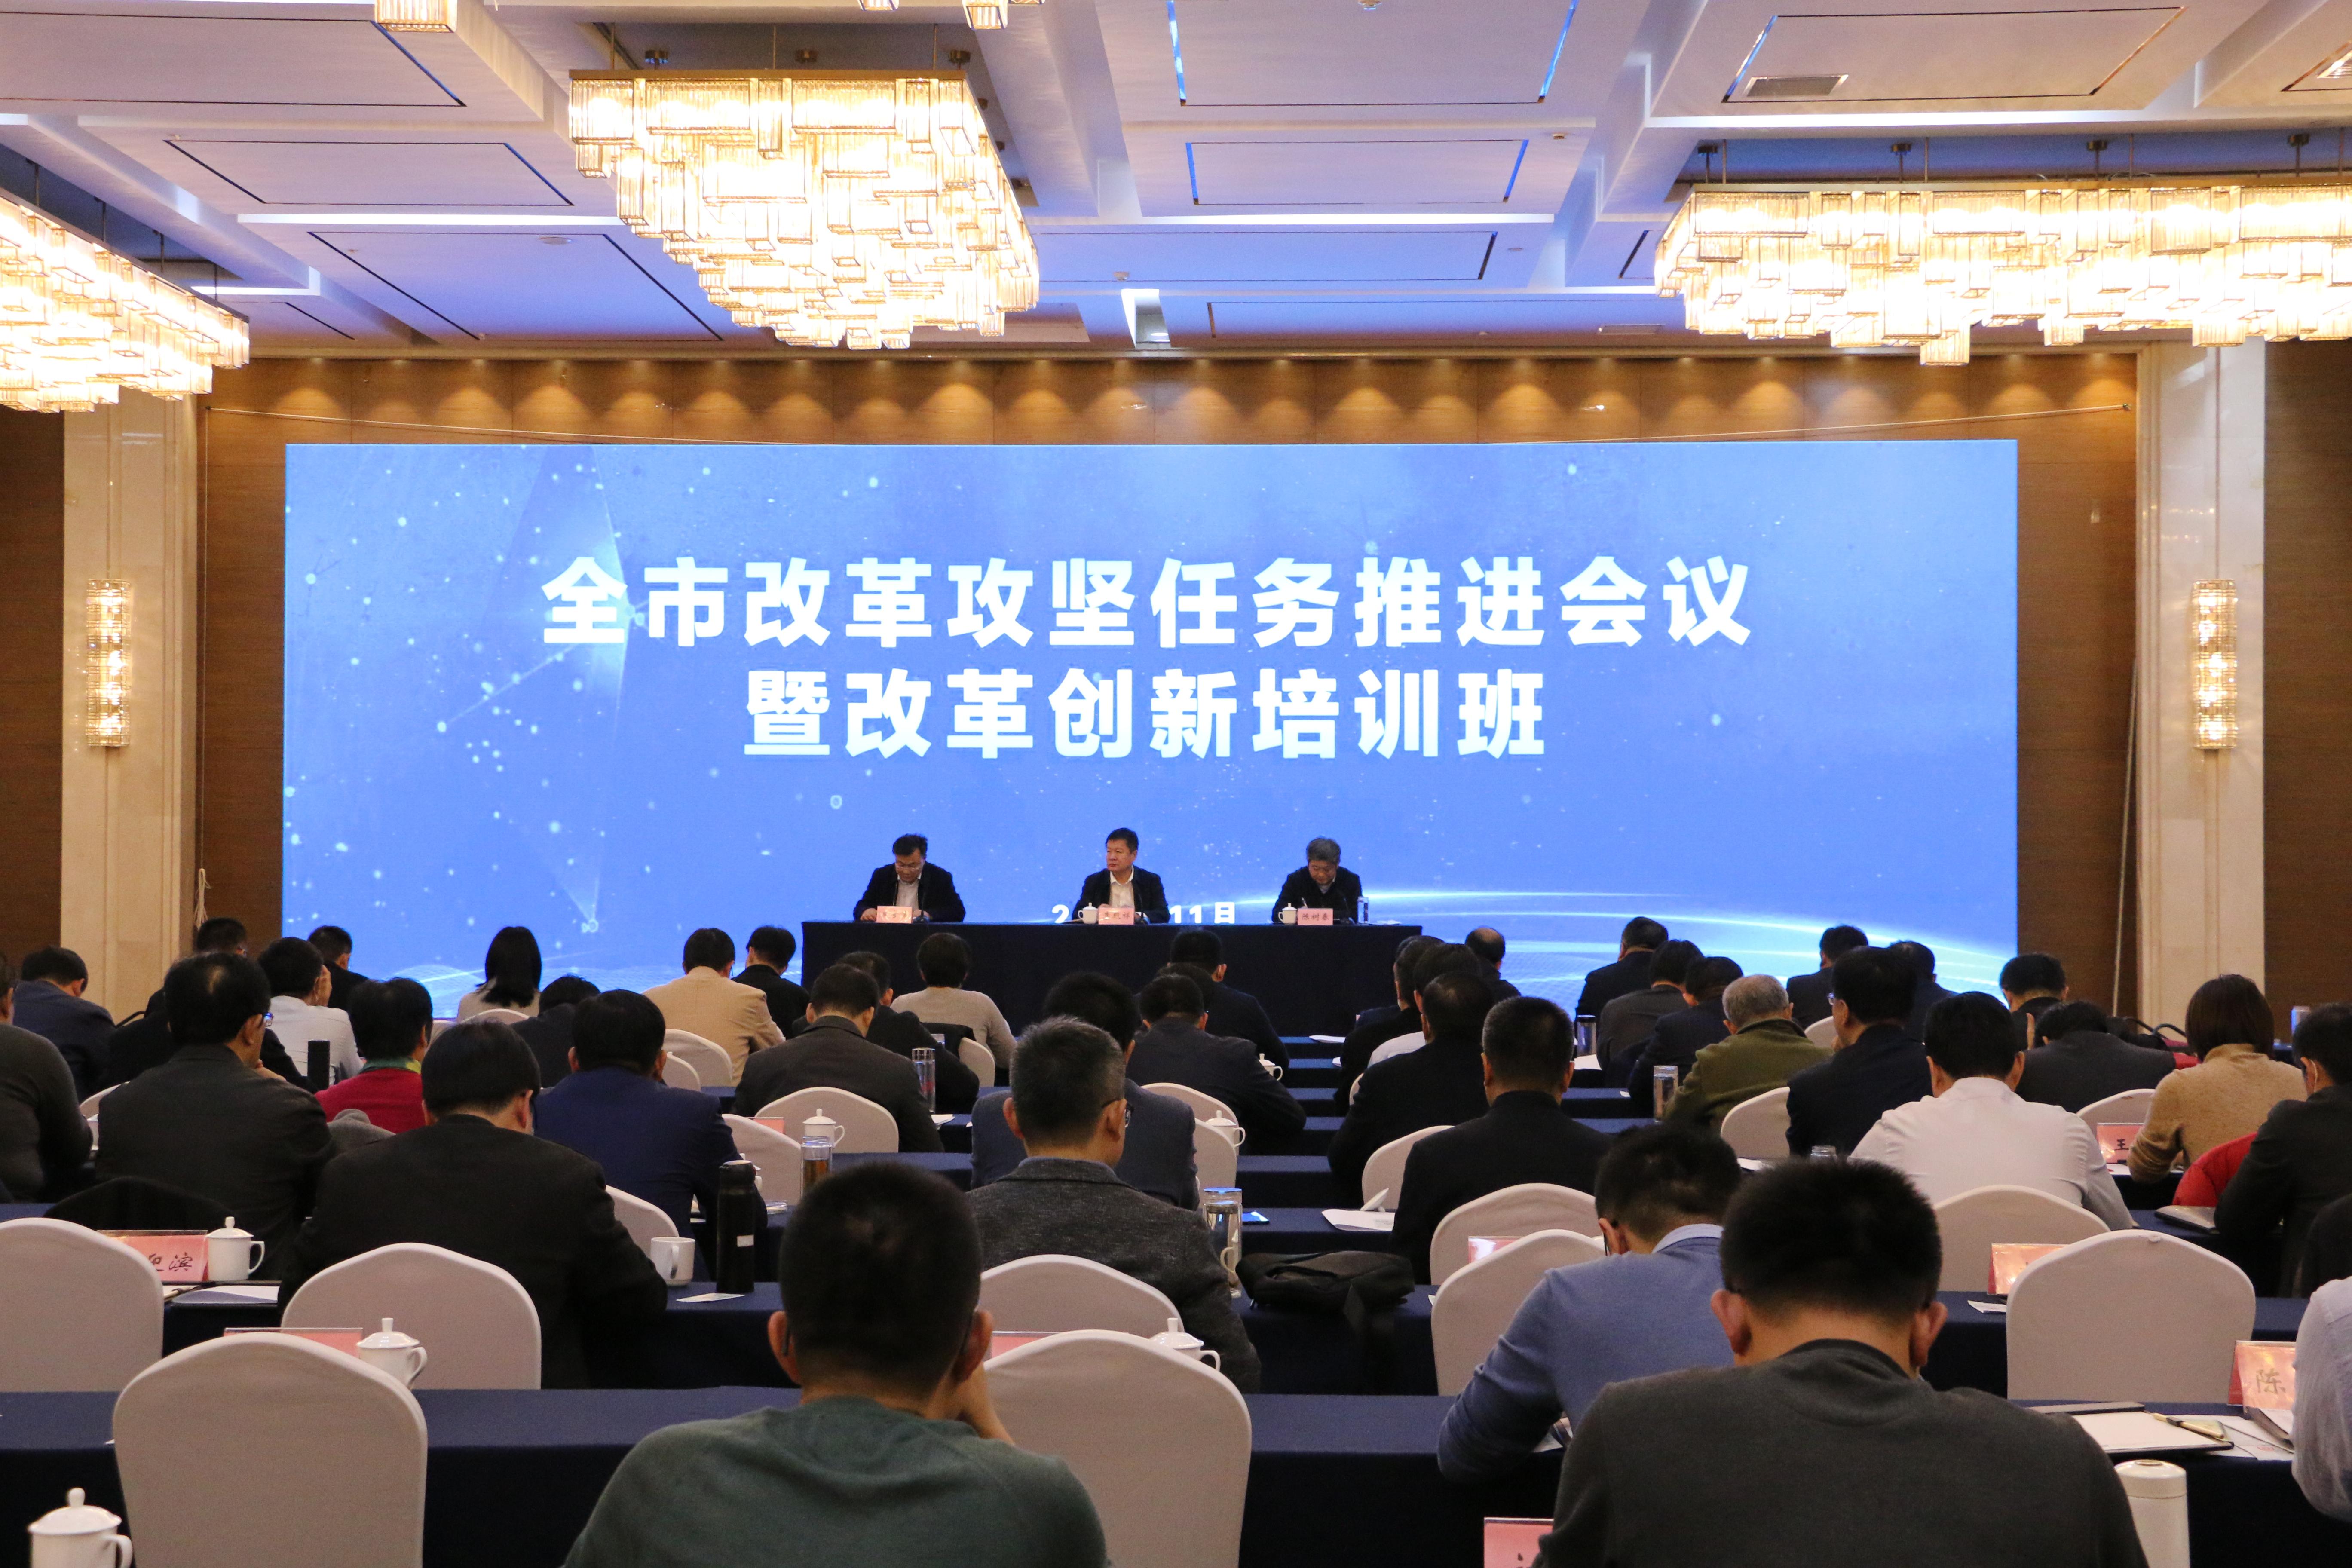 滨州市改革攻坚任务推进会议暨改革创新培训班举行